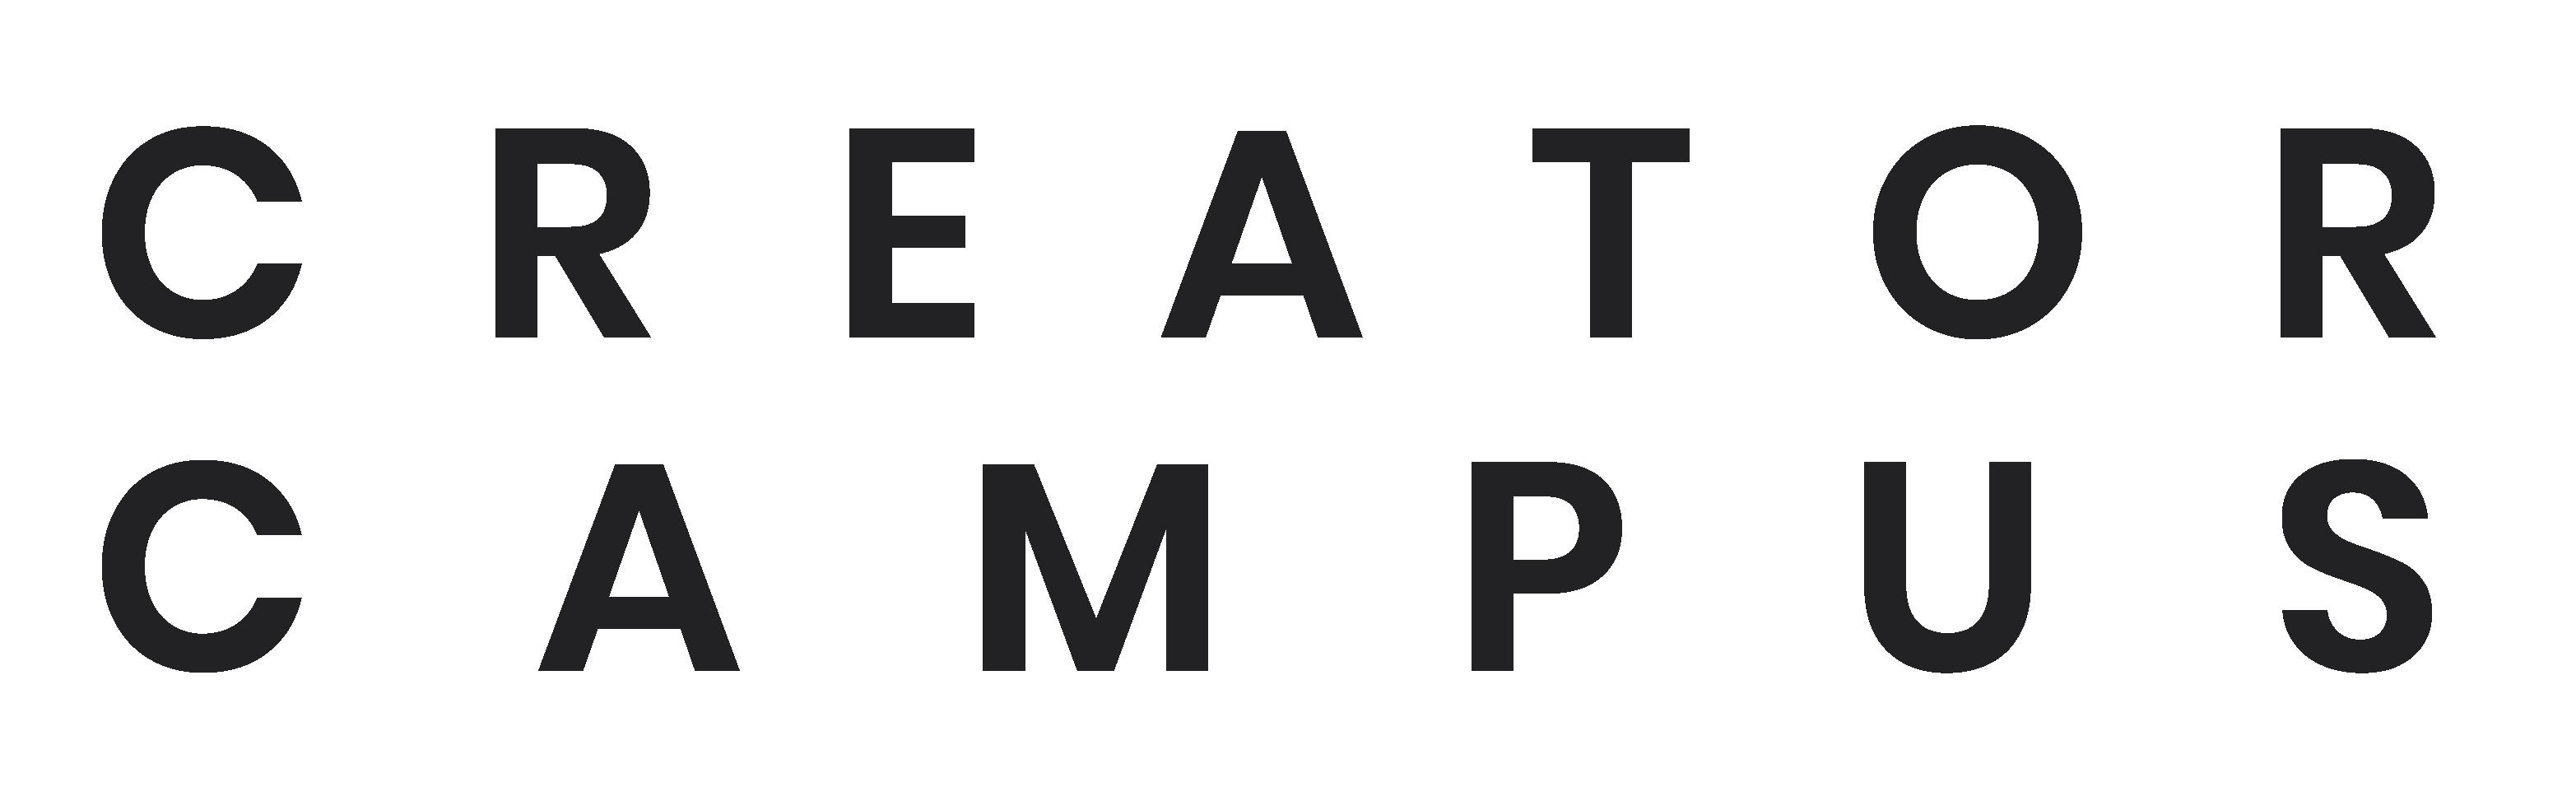 Creator Campus